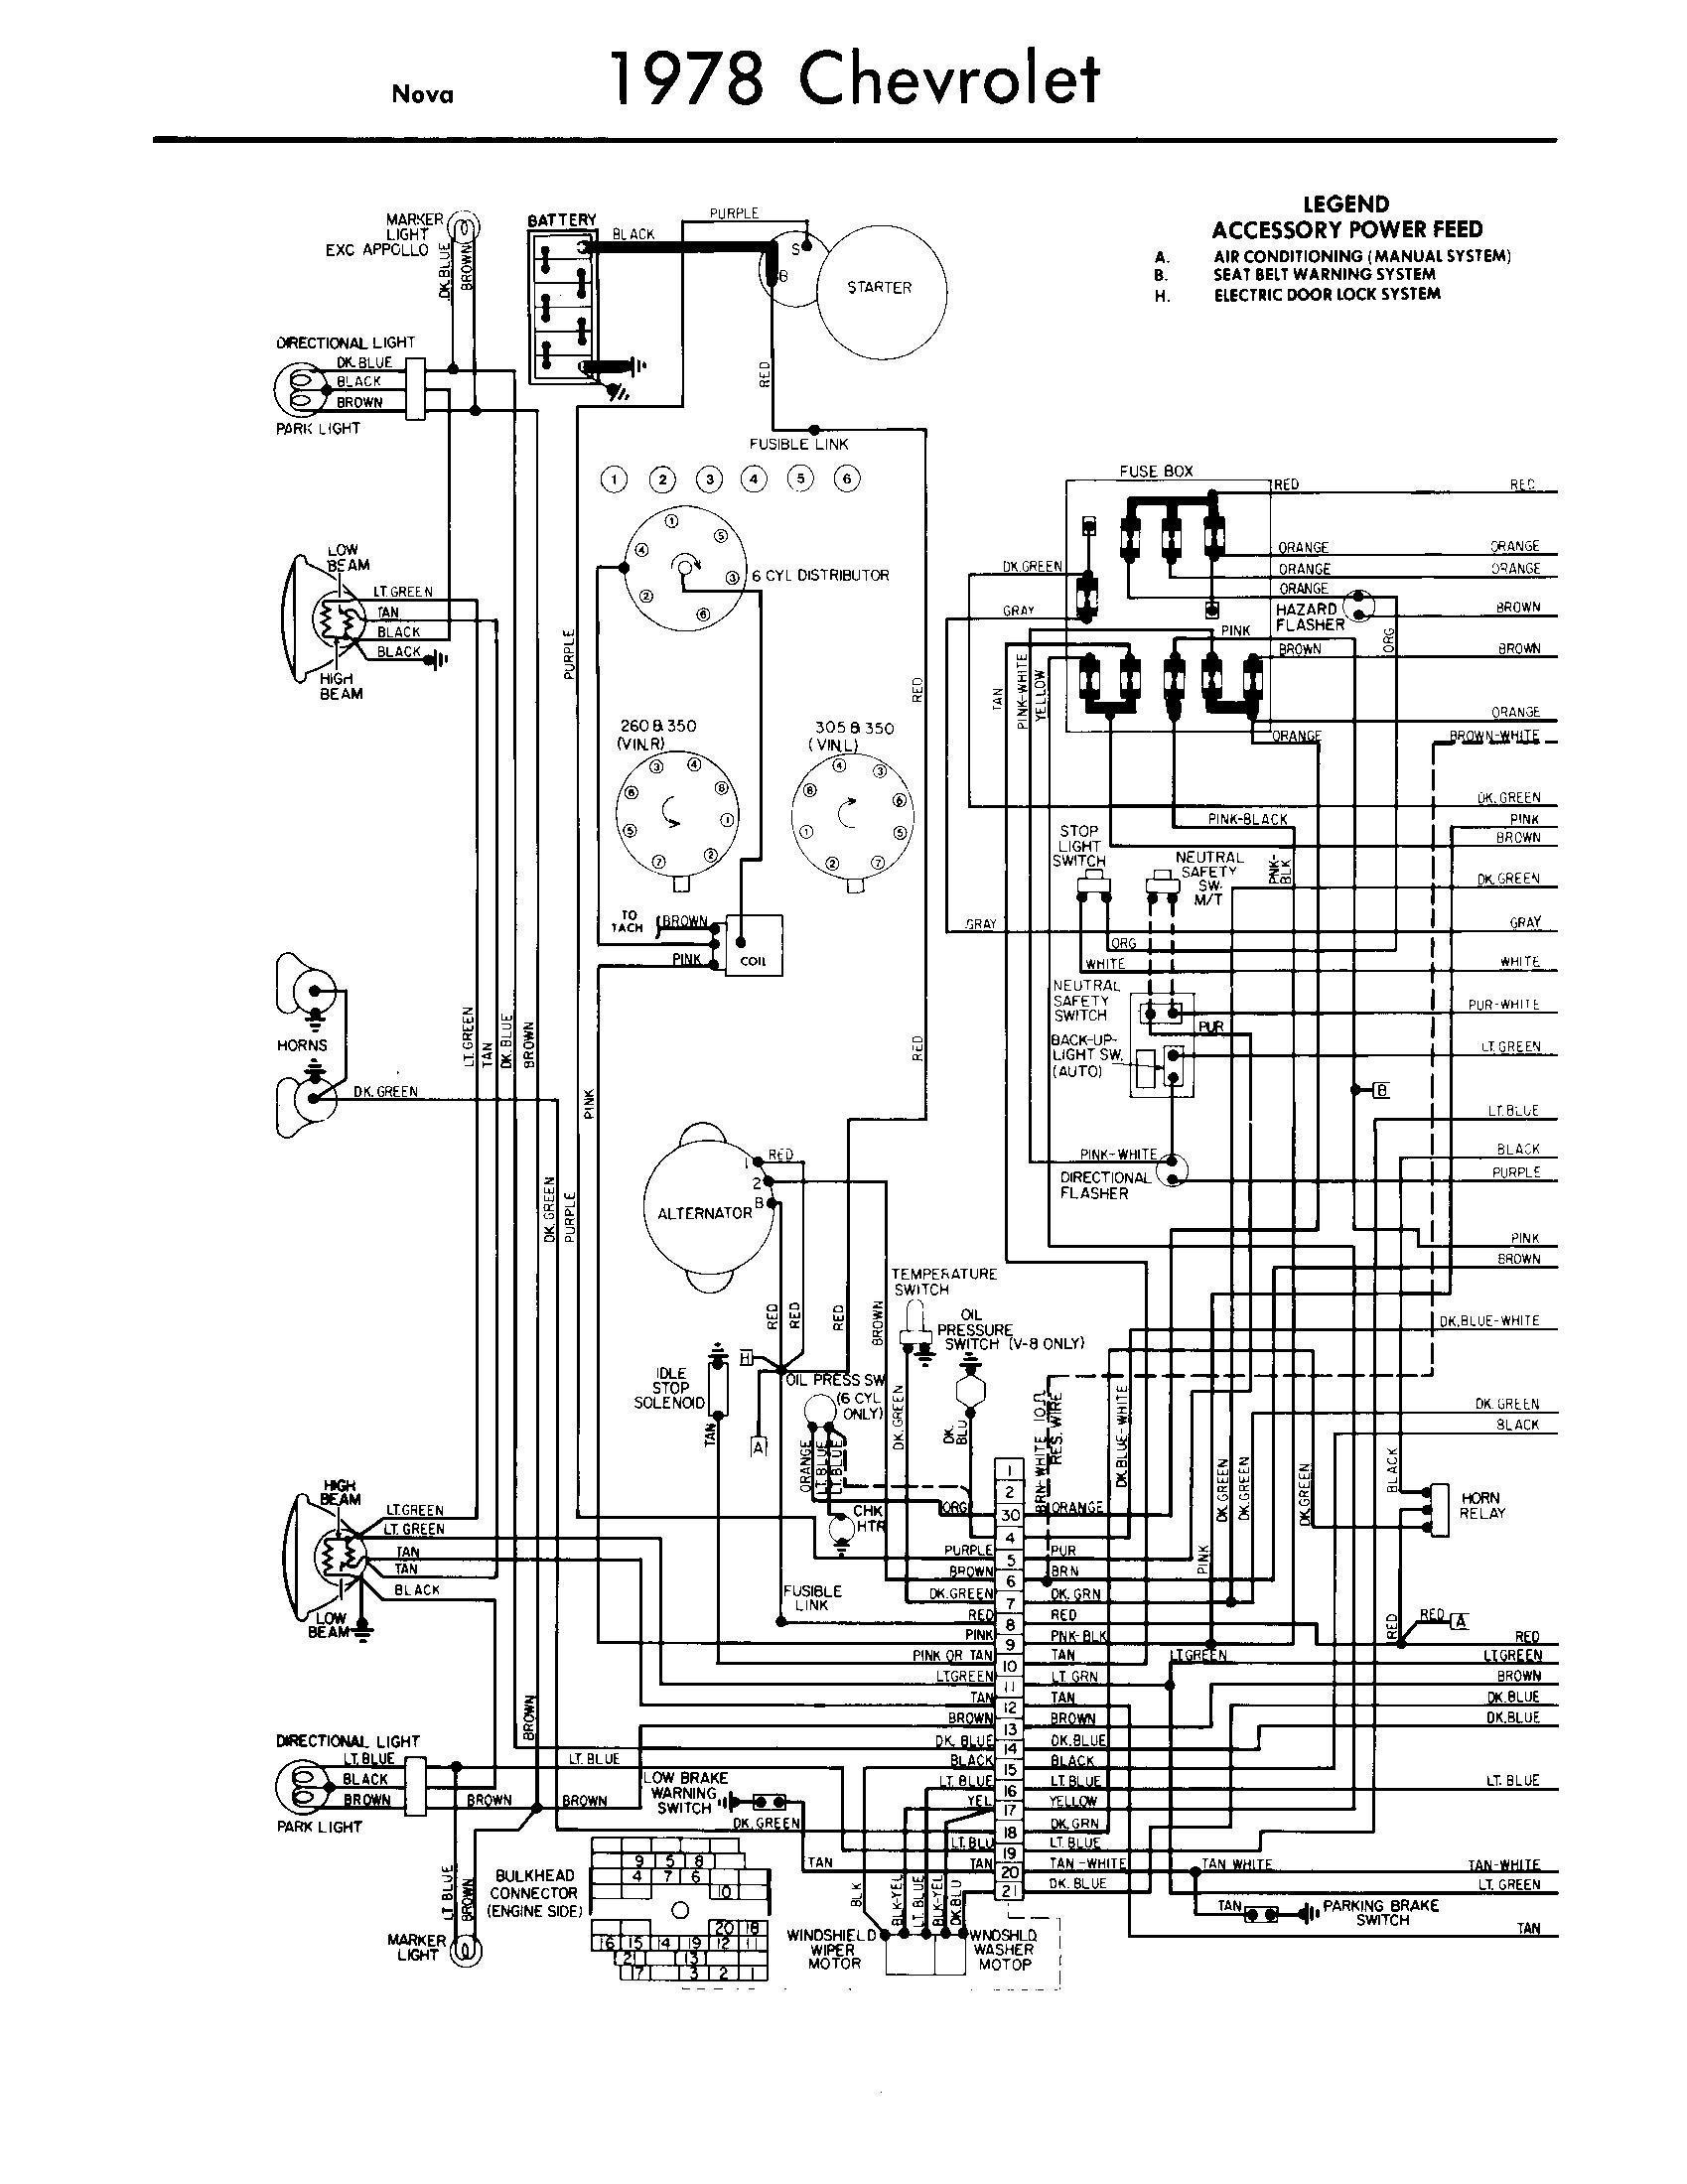 1977 chevy c10 alternator wiring automotive block diagram u2022 rh carwiringdiagram today 1992 Chevy Alternator Wiring Diagram 1-Wire Alternator Wiring Diagram Chevy